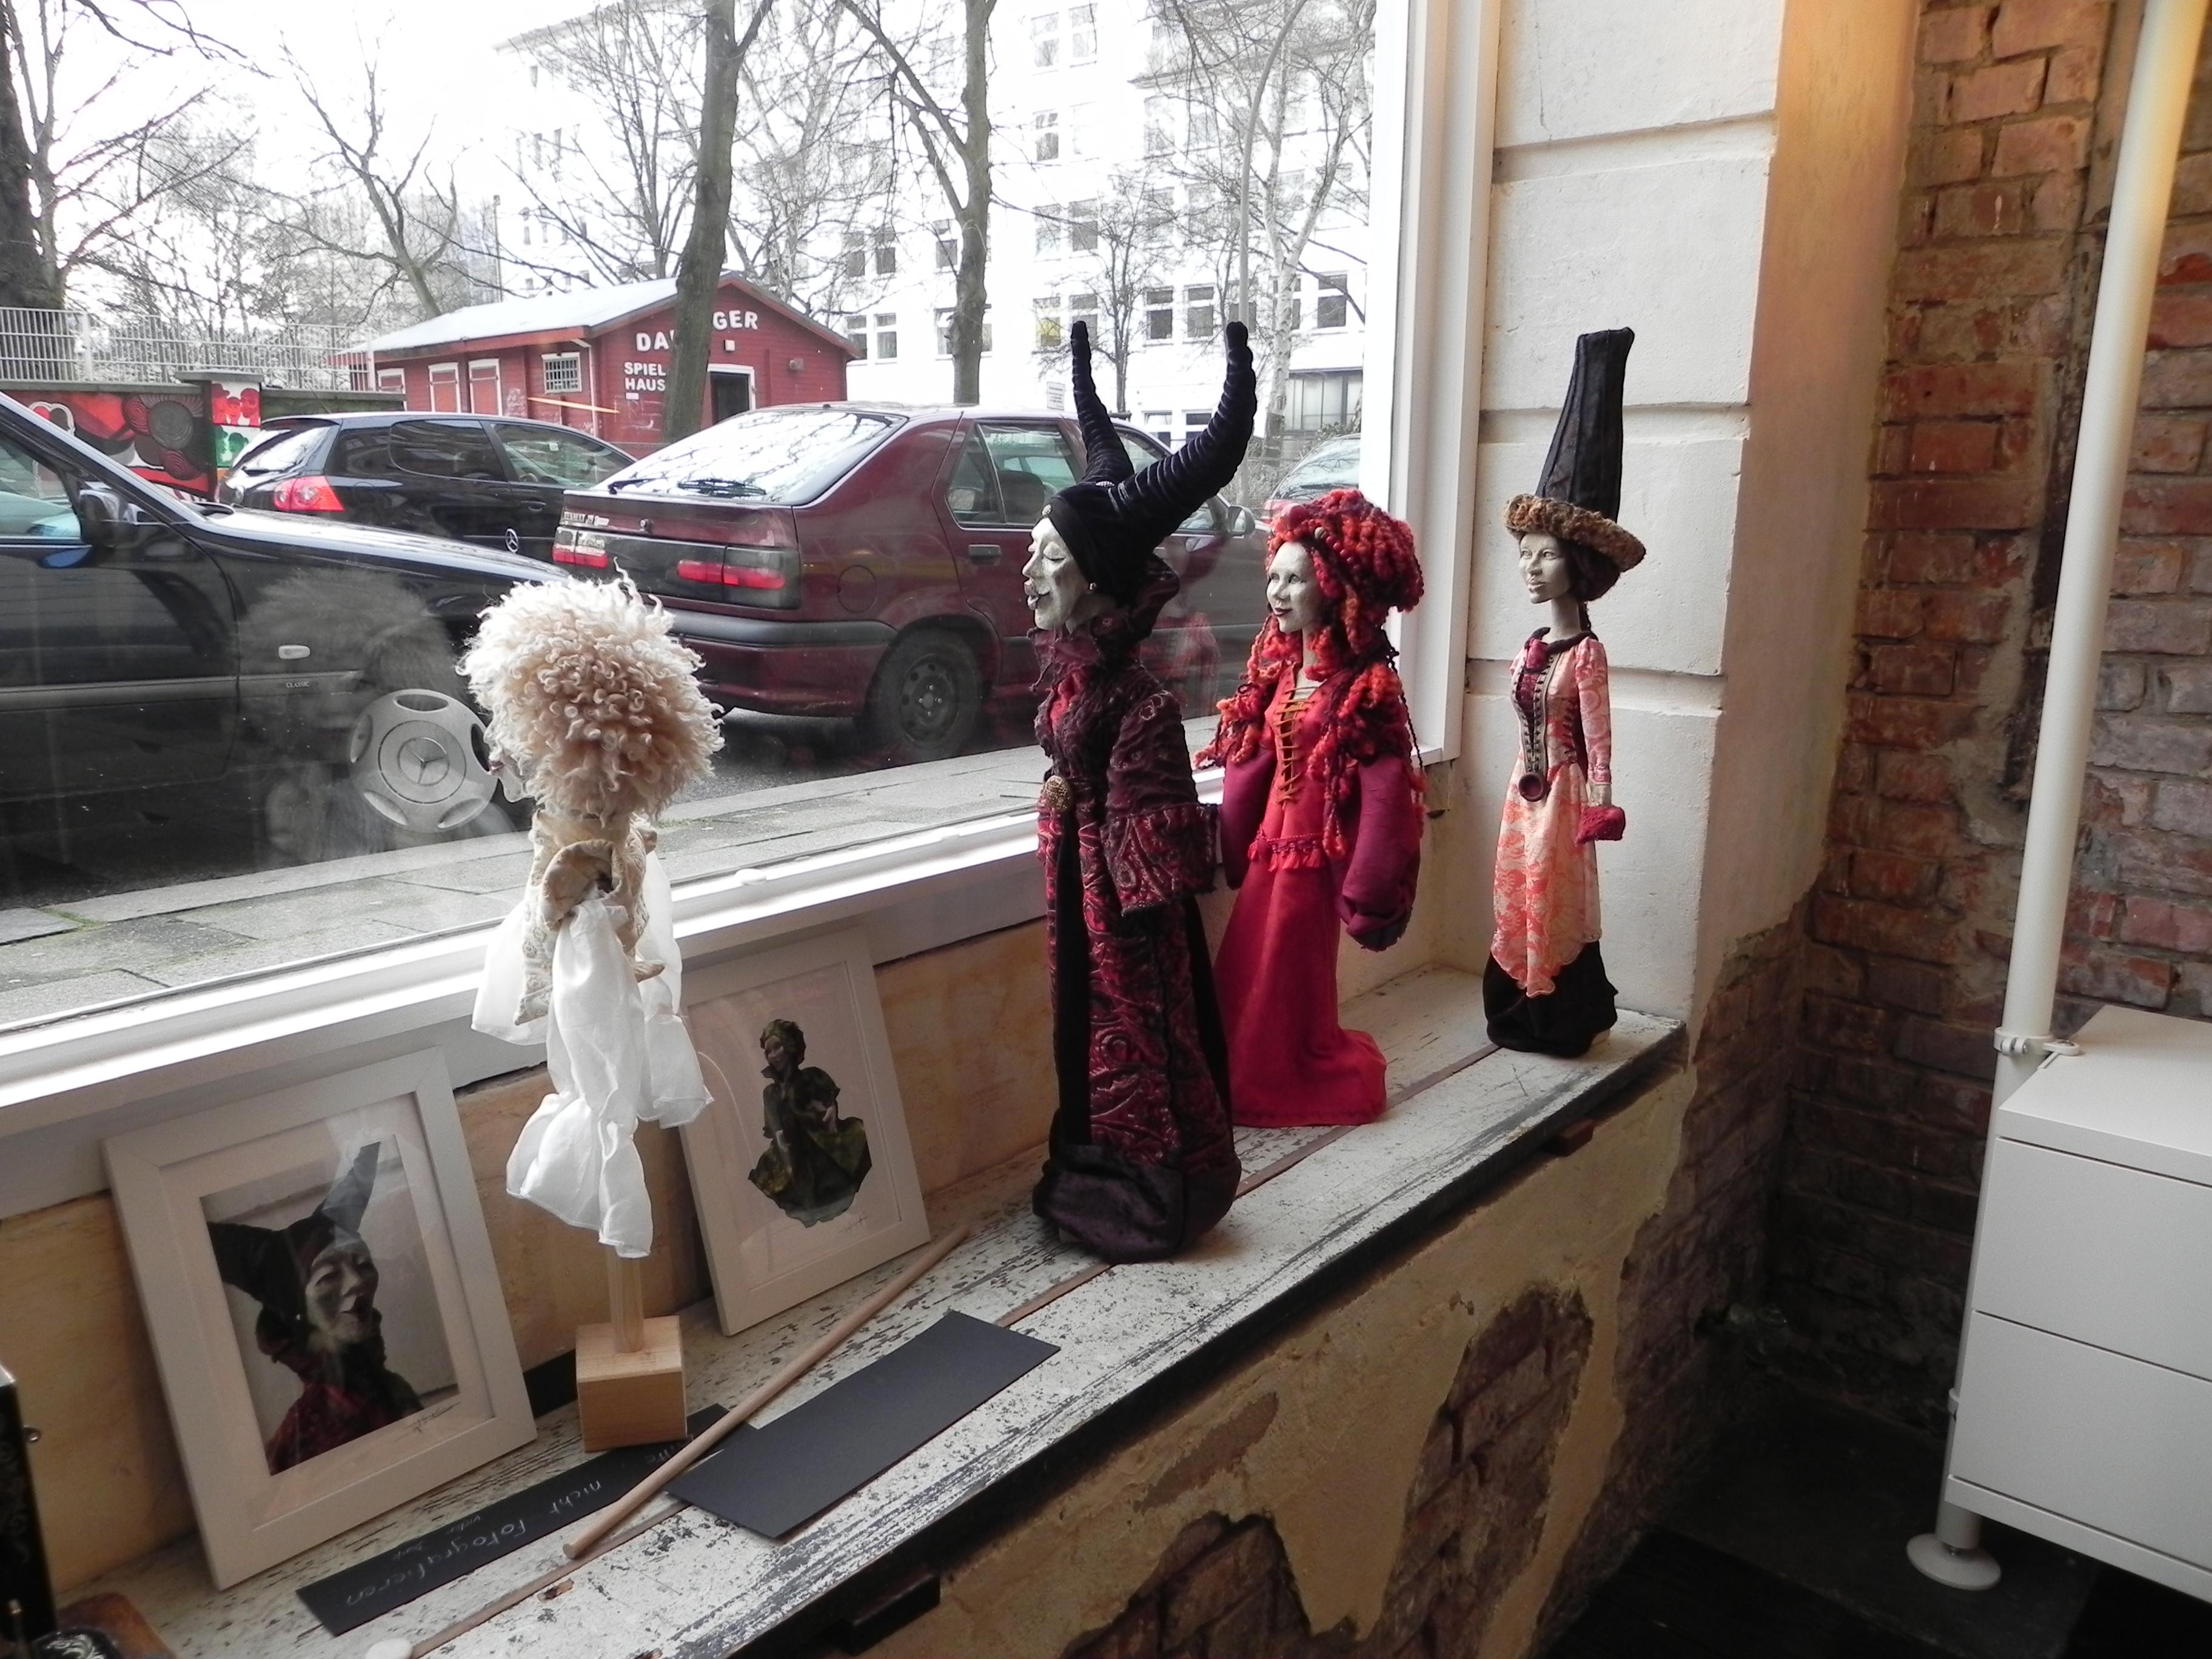 atelier figurart hamburg sankt georg handpuppen marionette Skulpturen Tierportrait hamburg Sankt Georg figurart Valerie Bayol